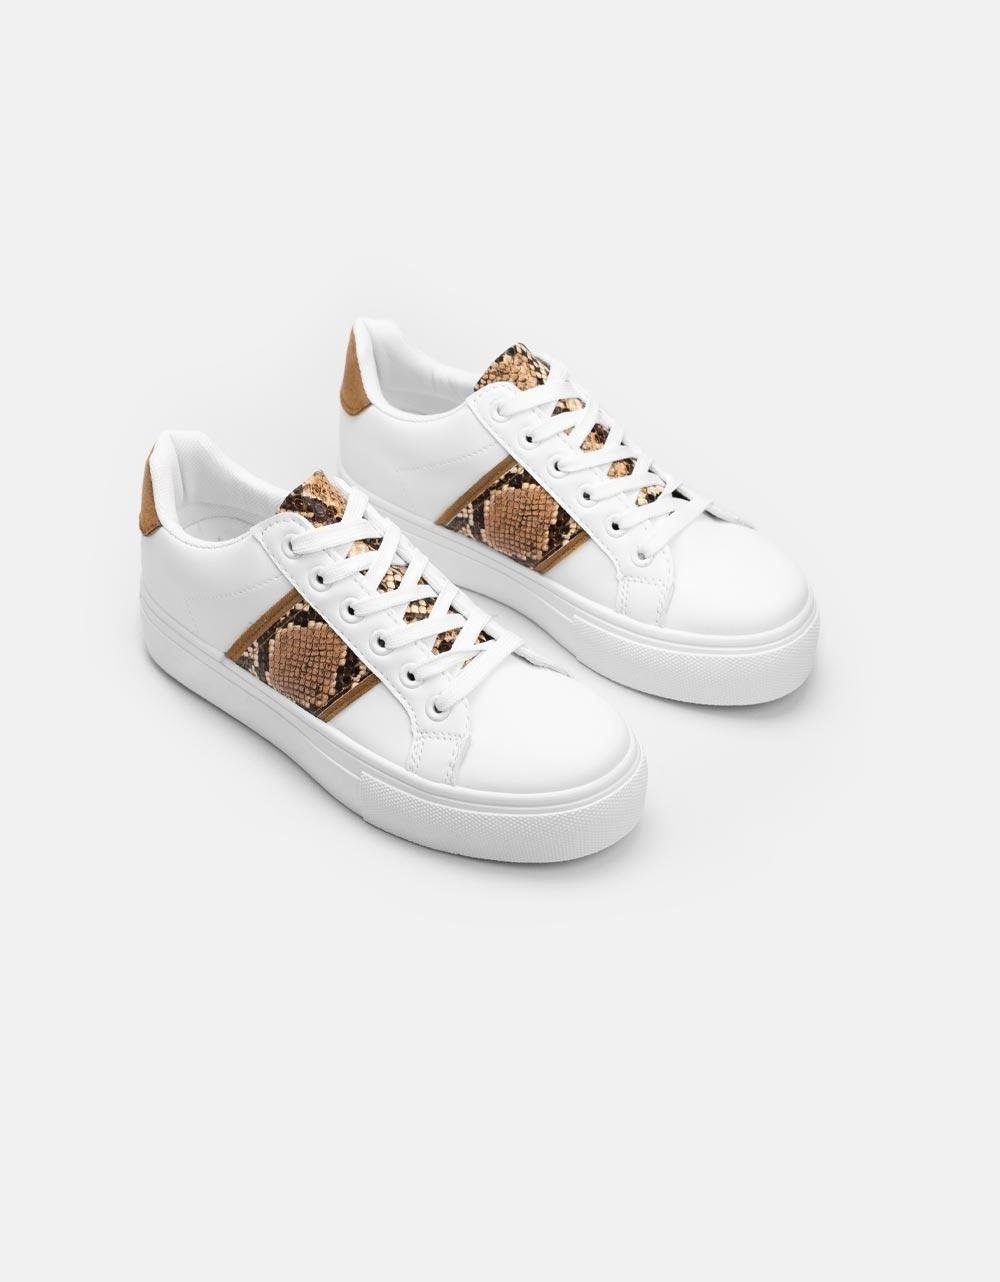 Εικόνα από Γυναικεία sneakers μονόχρωμα με κροκό λεπτομέρεια Λευκό/Πούρο